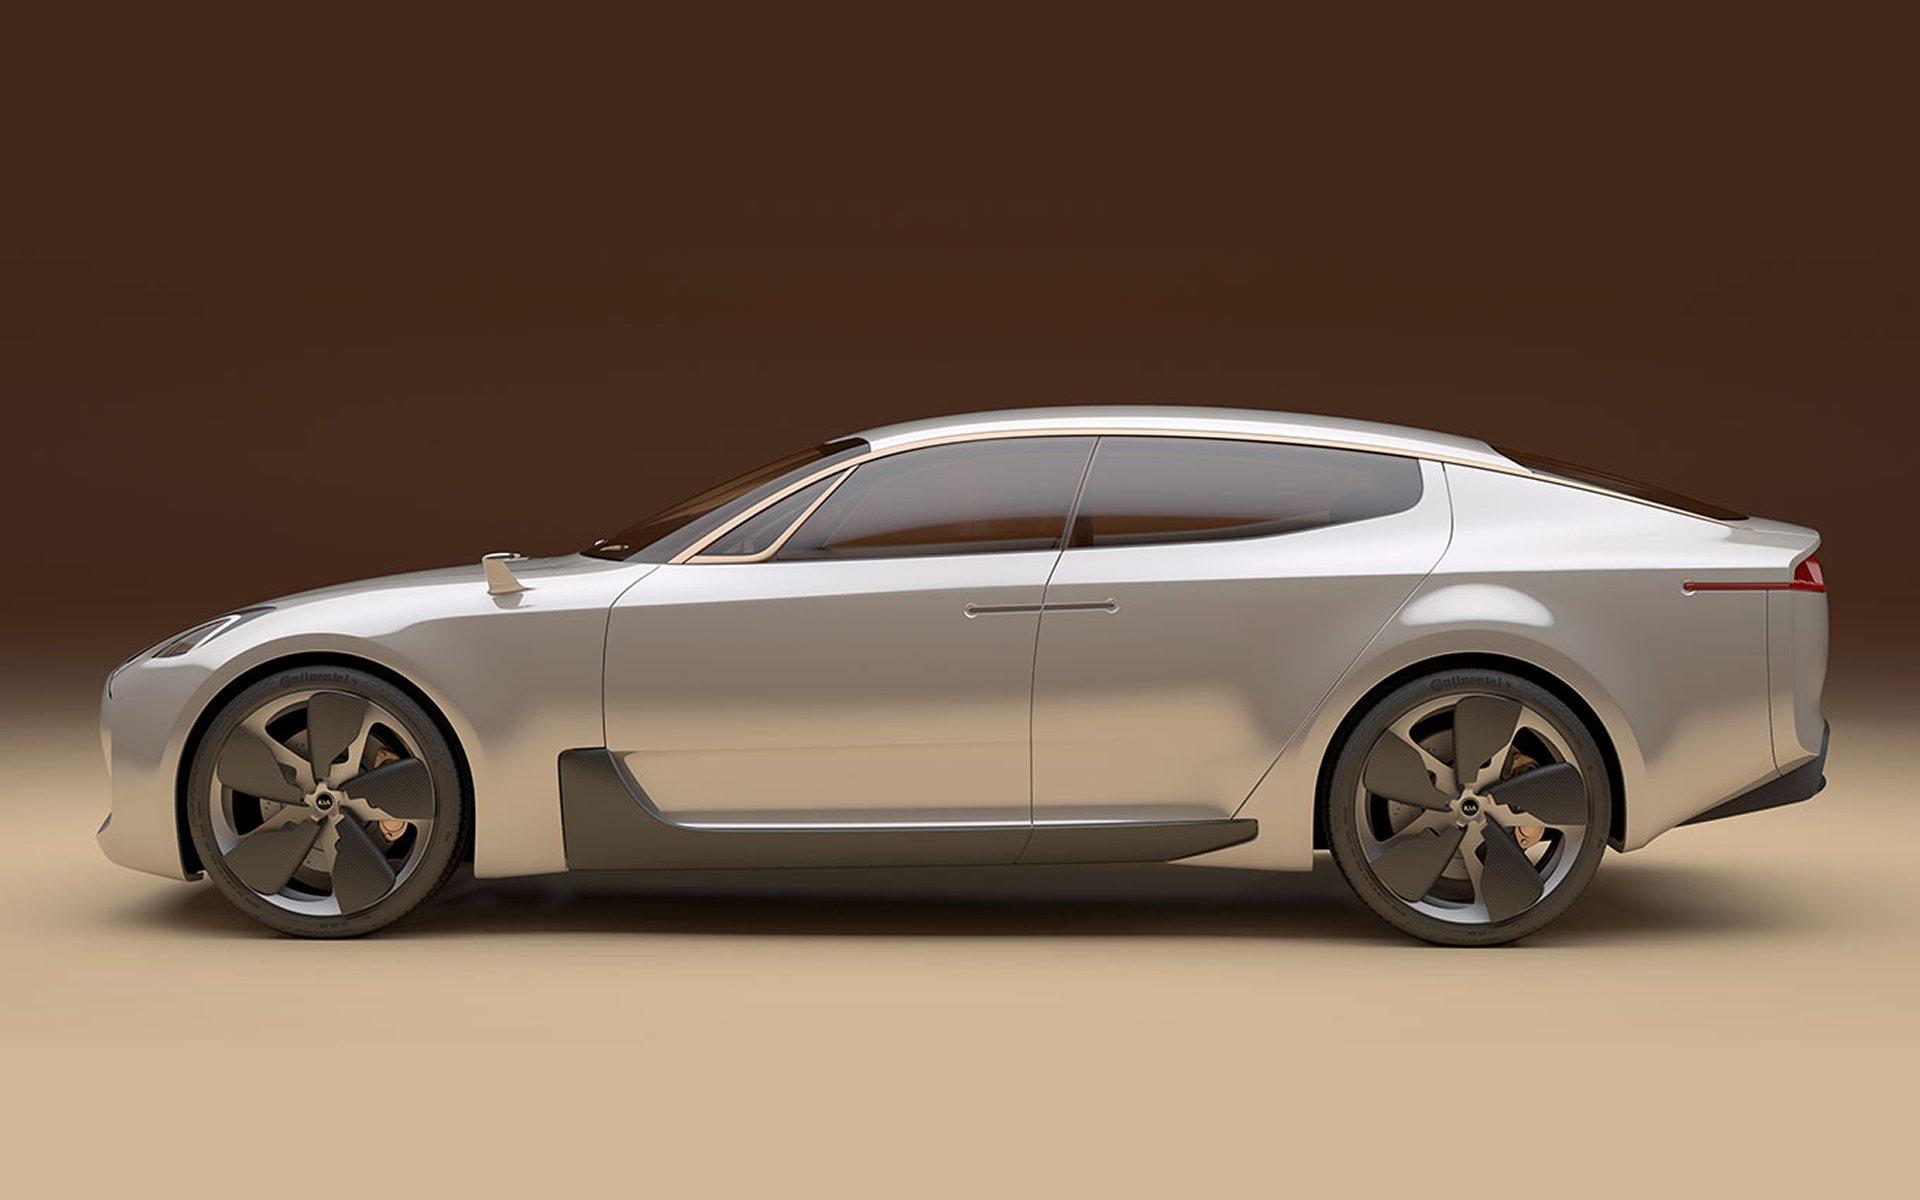 El Kia de propulsión trasera podría llegar el próximo año bajo el nombre de 'Stinger' 1